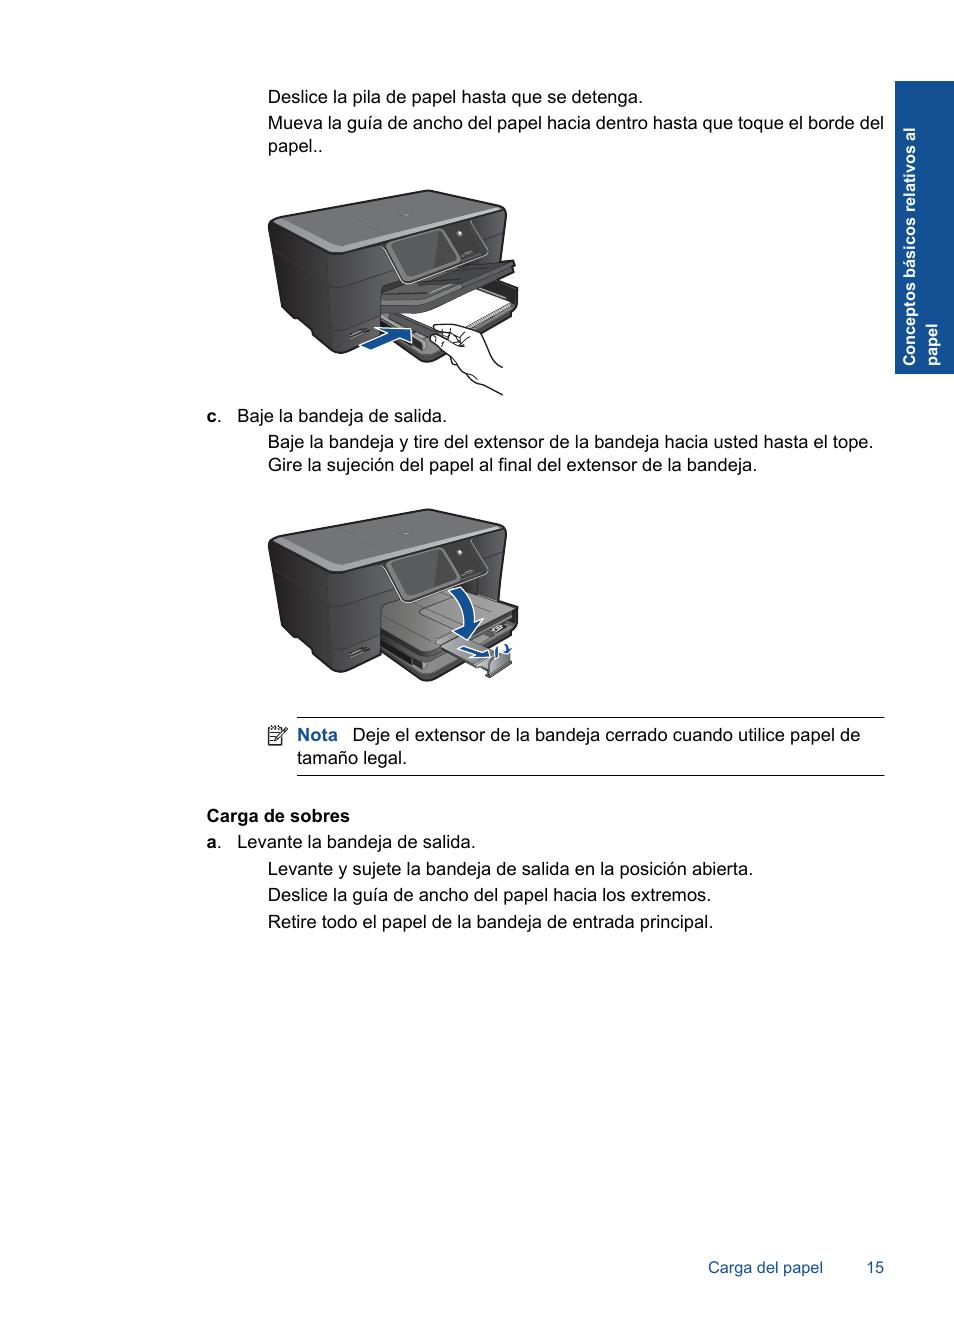 hp impresora e todo en uno hp photosmart plus b210a user manual rh manualsdir com hp photosmart plus series b209 user manual hp photosmart plus b210a service manual